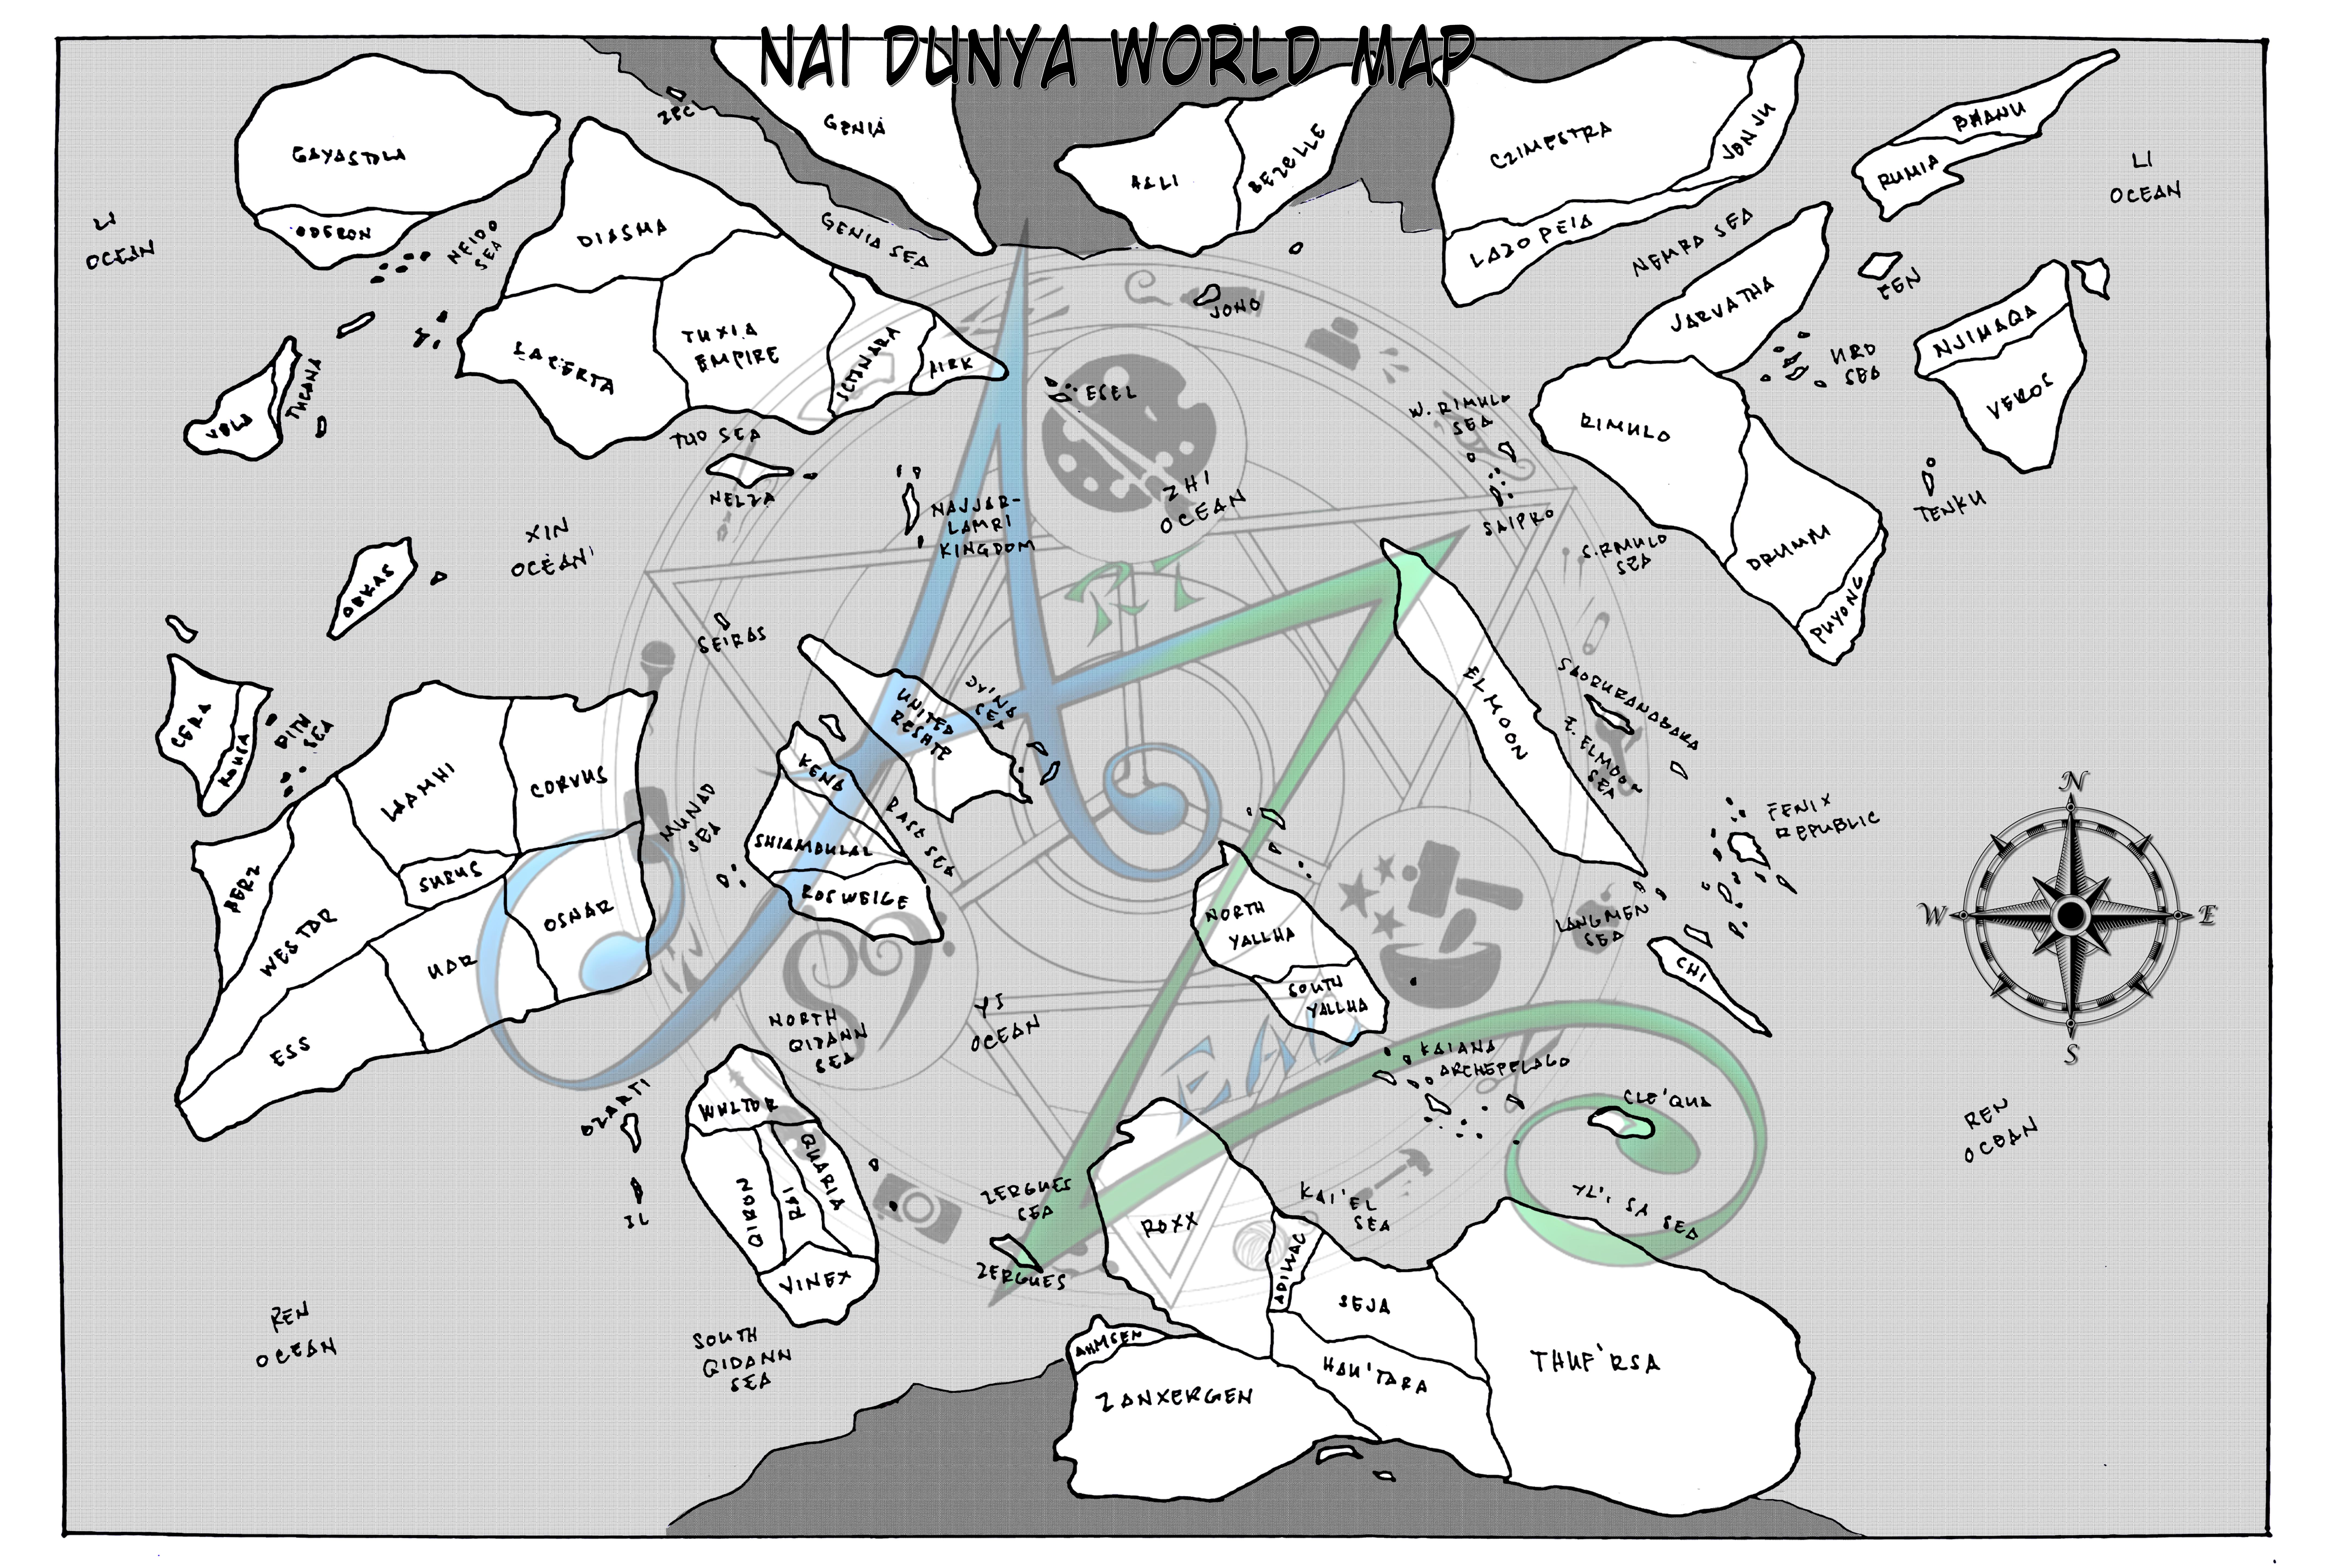 Nai Dunya World Map by Zenemijil